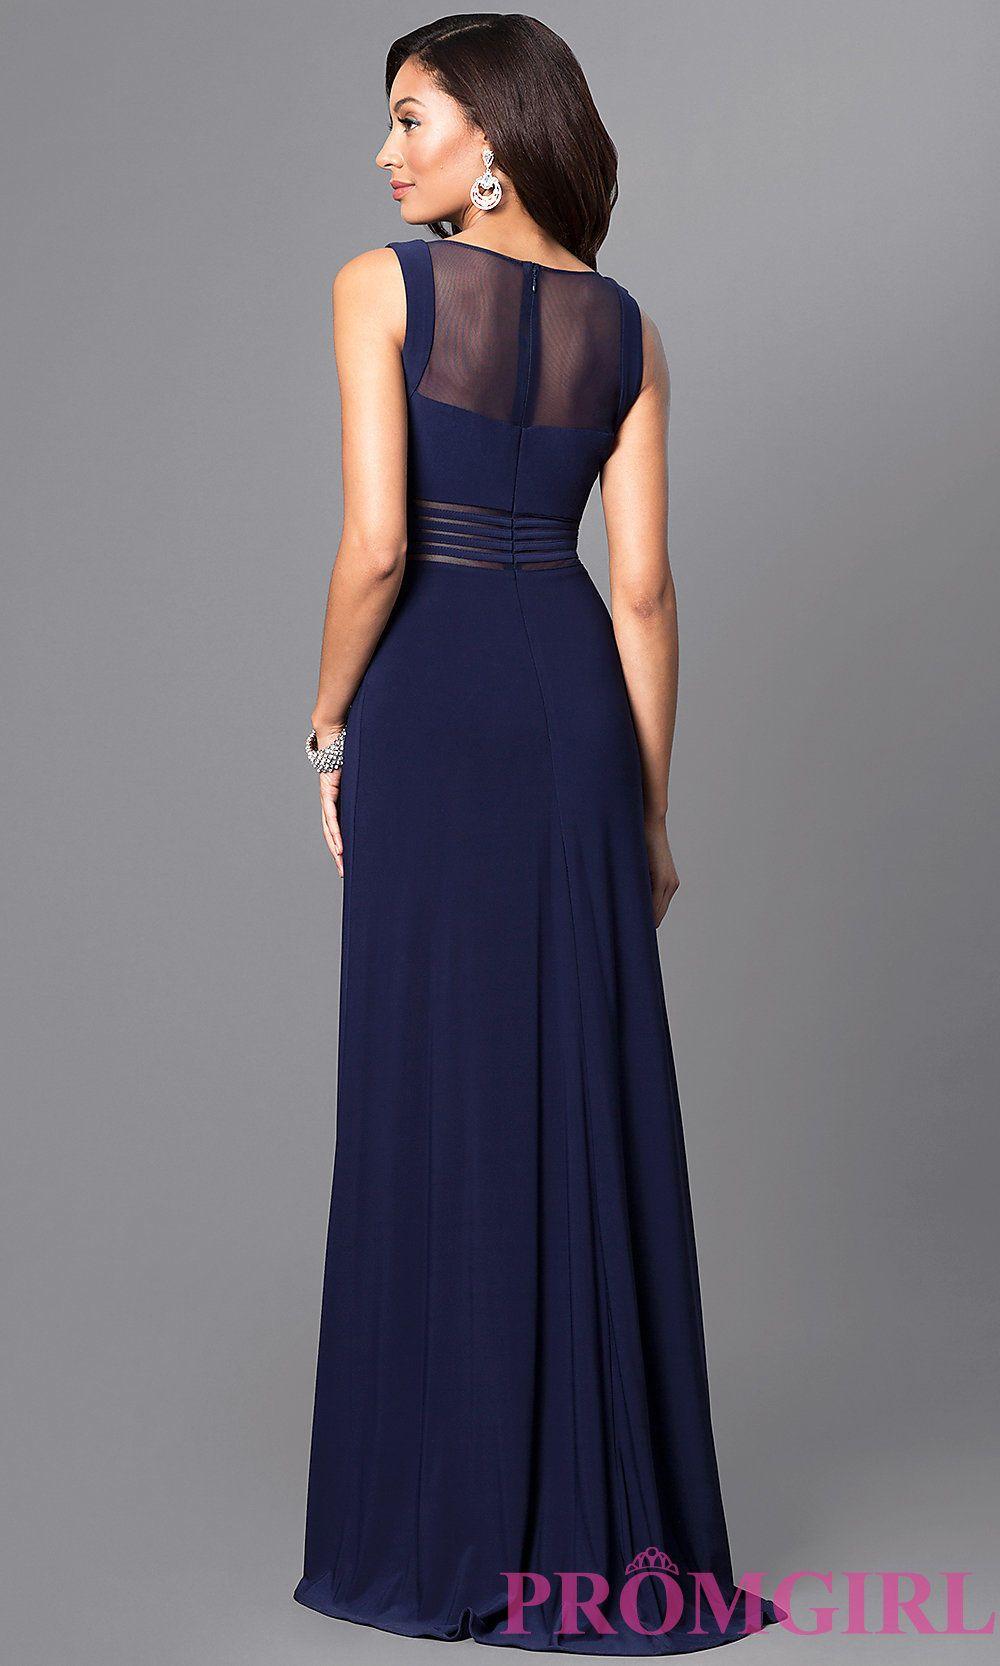 Pin By Roka On Dresses Jersey Prom Dress Blue Dress Formal Dresses [ 1666 x 1000 Pixel ]